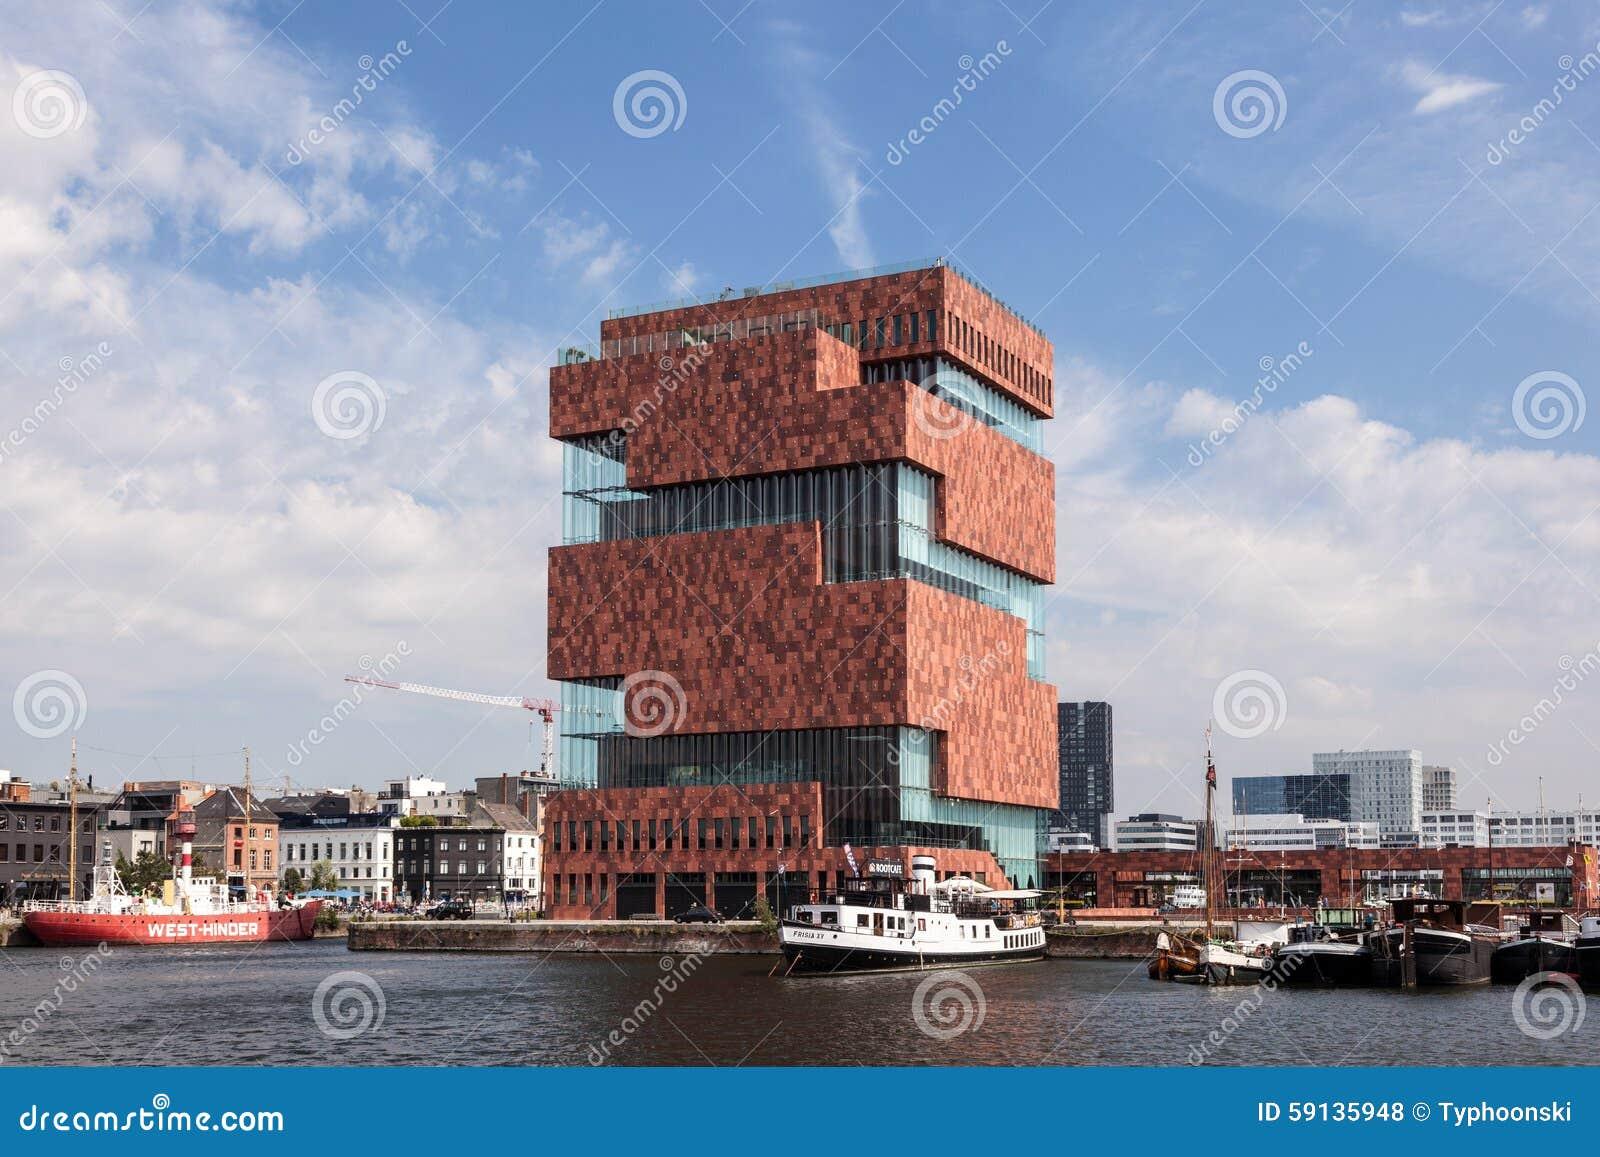 Muzeum przy rzeką w Antwerp, Belgia - MAS -